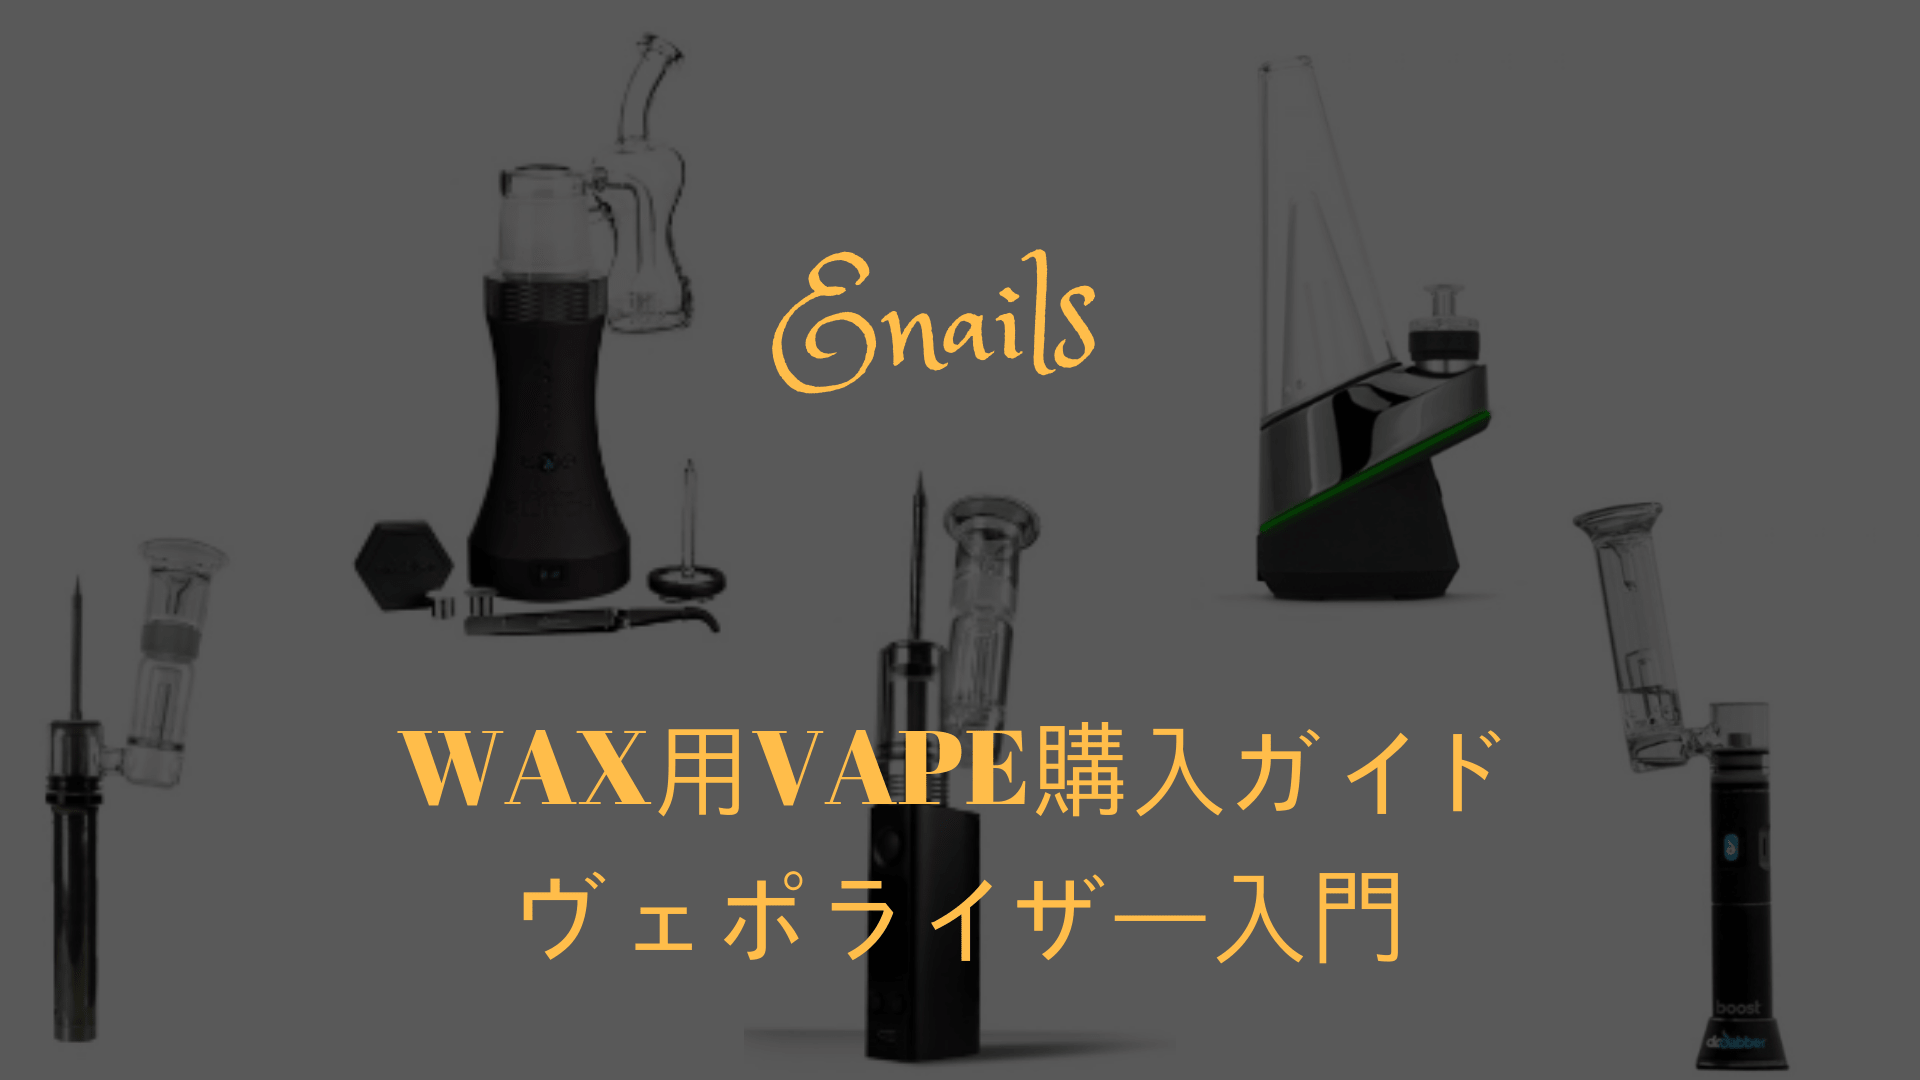 WAX用VAPE購入ガイド ヴェポライザー入門とEnails